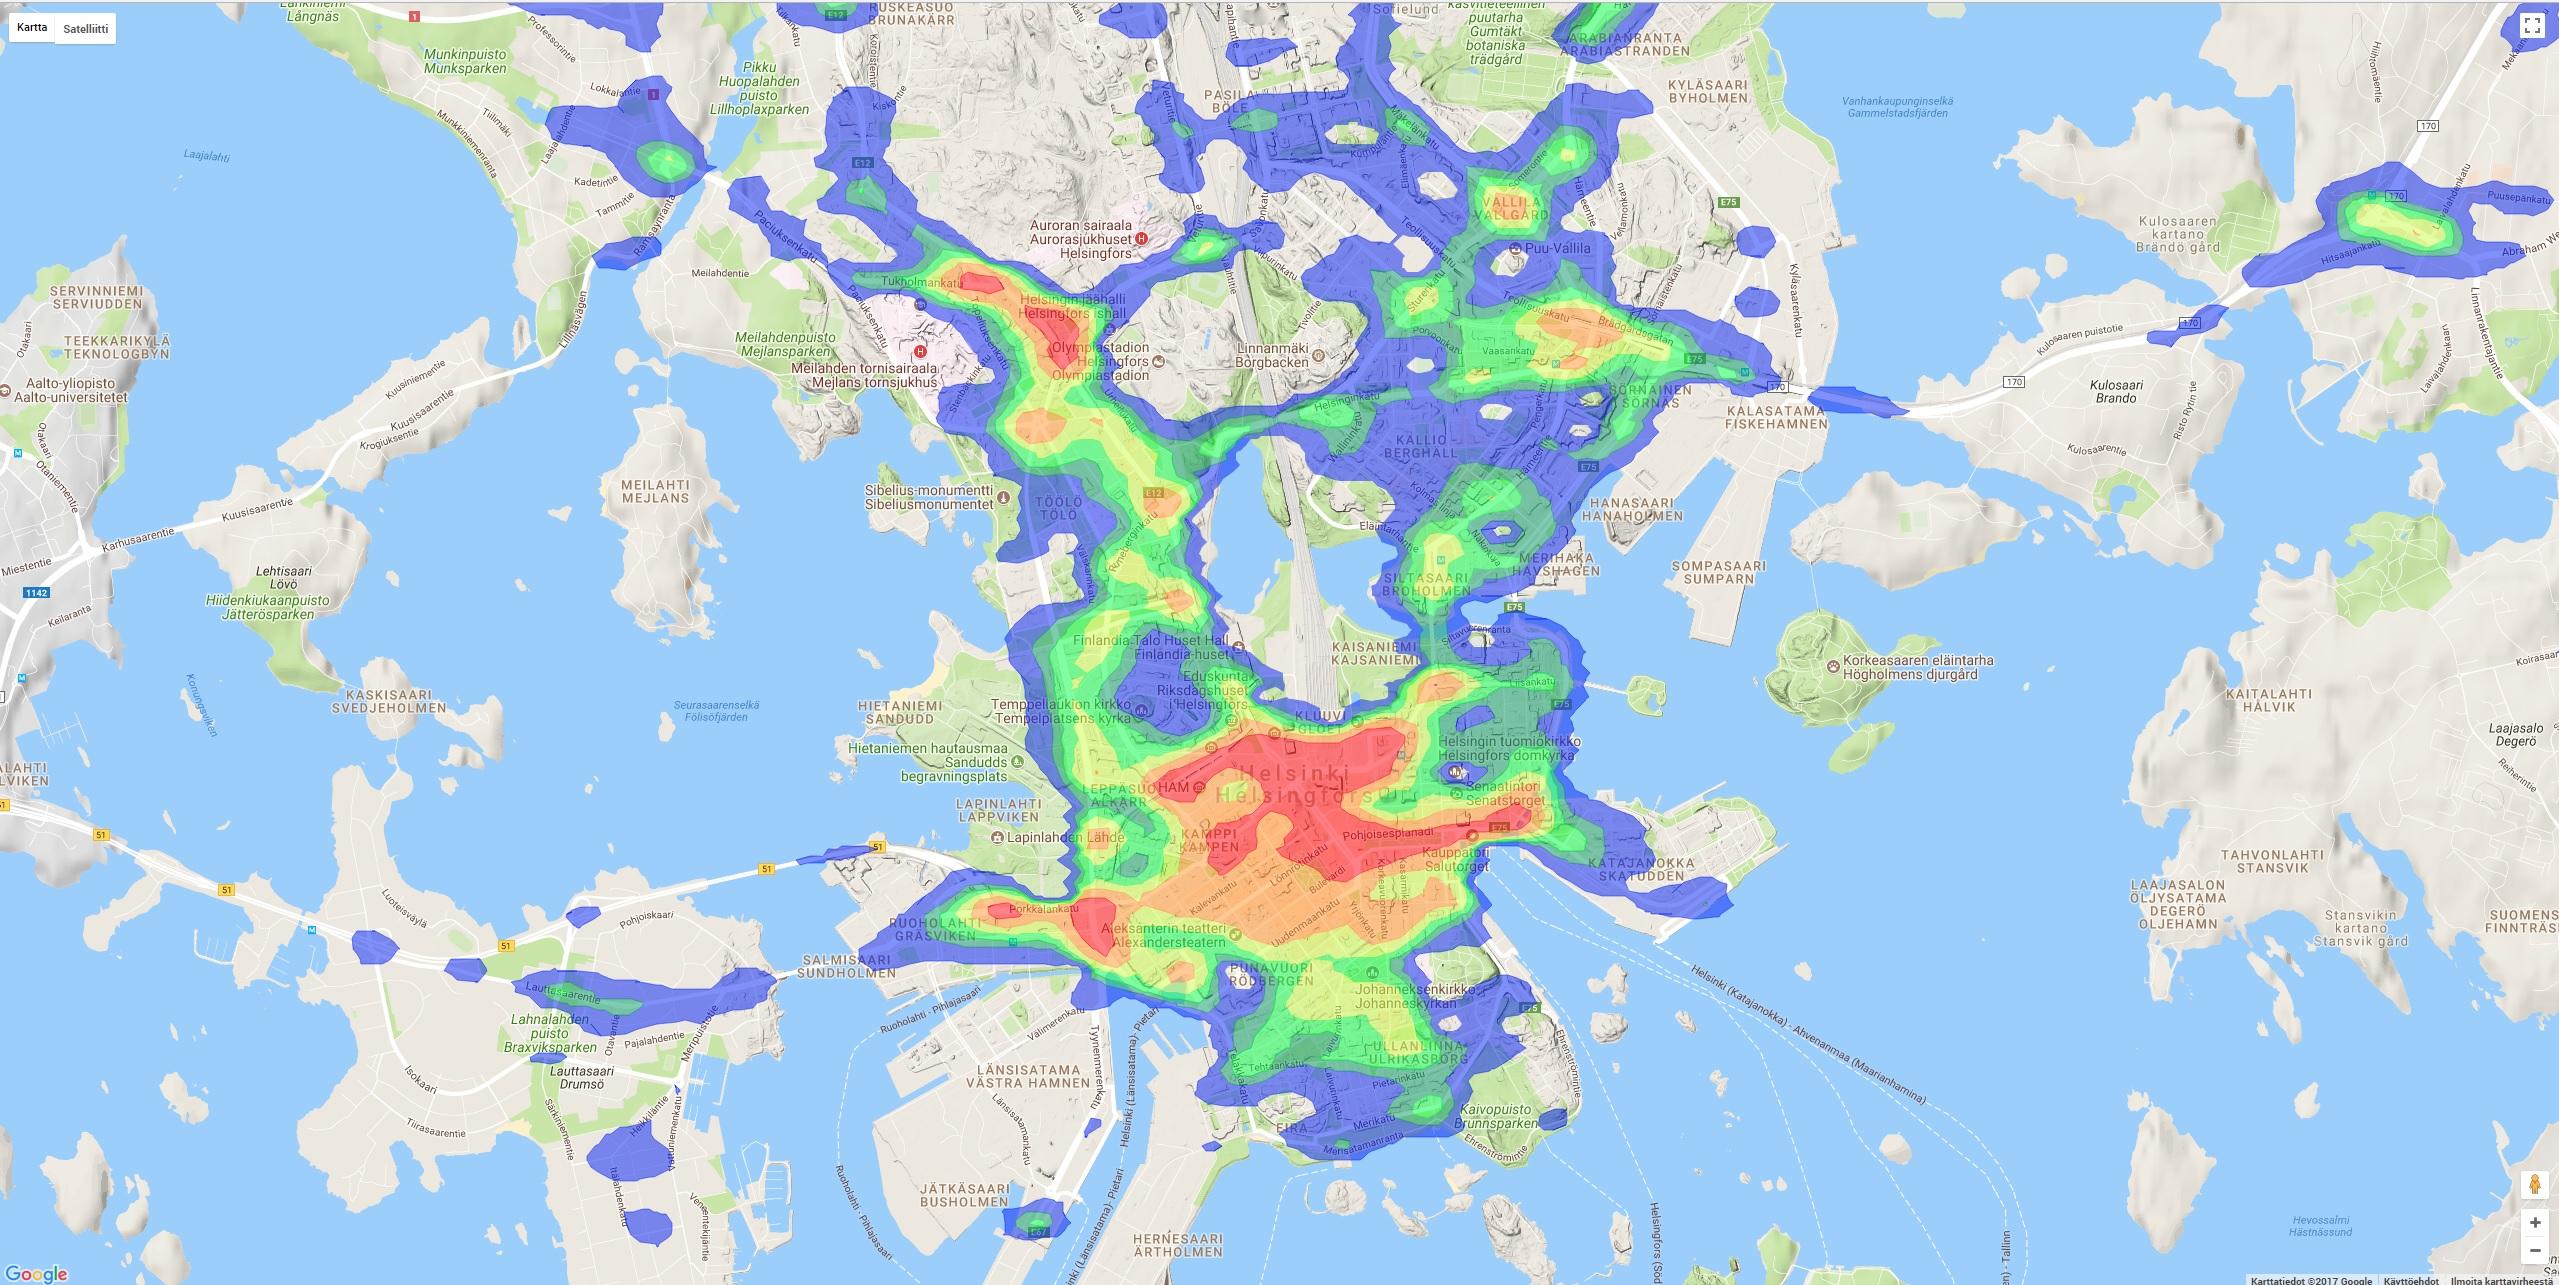 liikenneonnettomuuksien-tiheys-lampokarttana